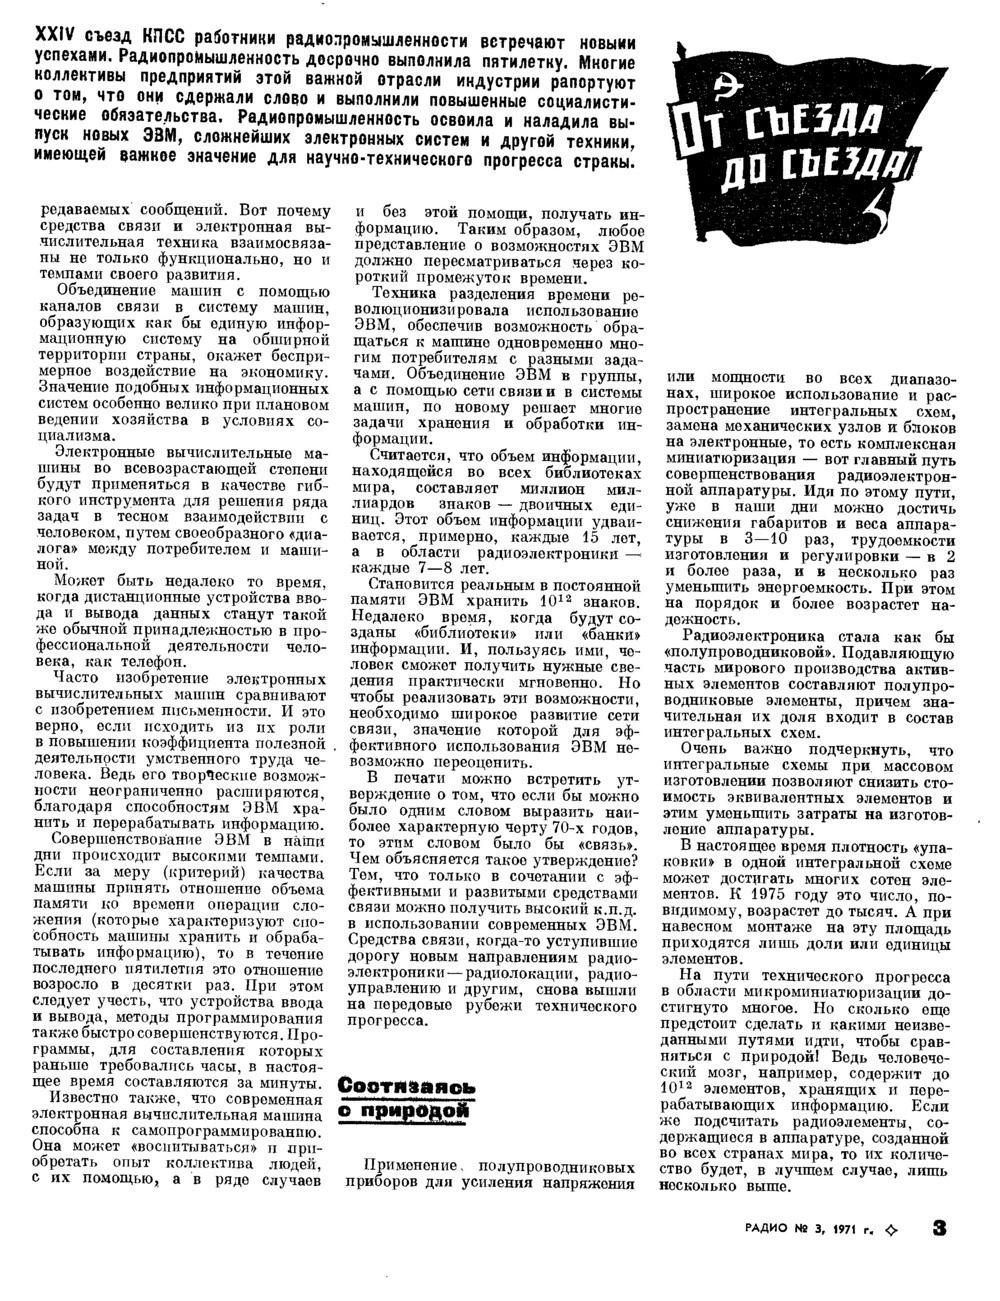 Кибернетика в СССР: от лженауки до панацеи - 9